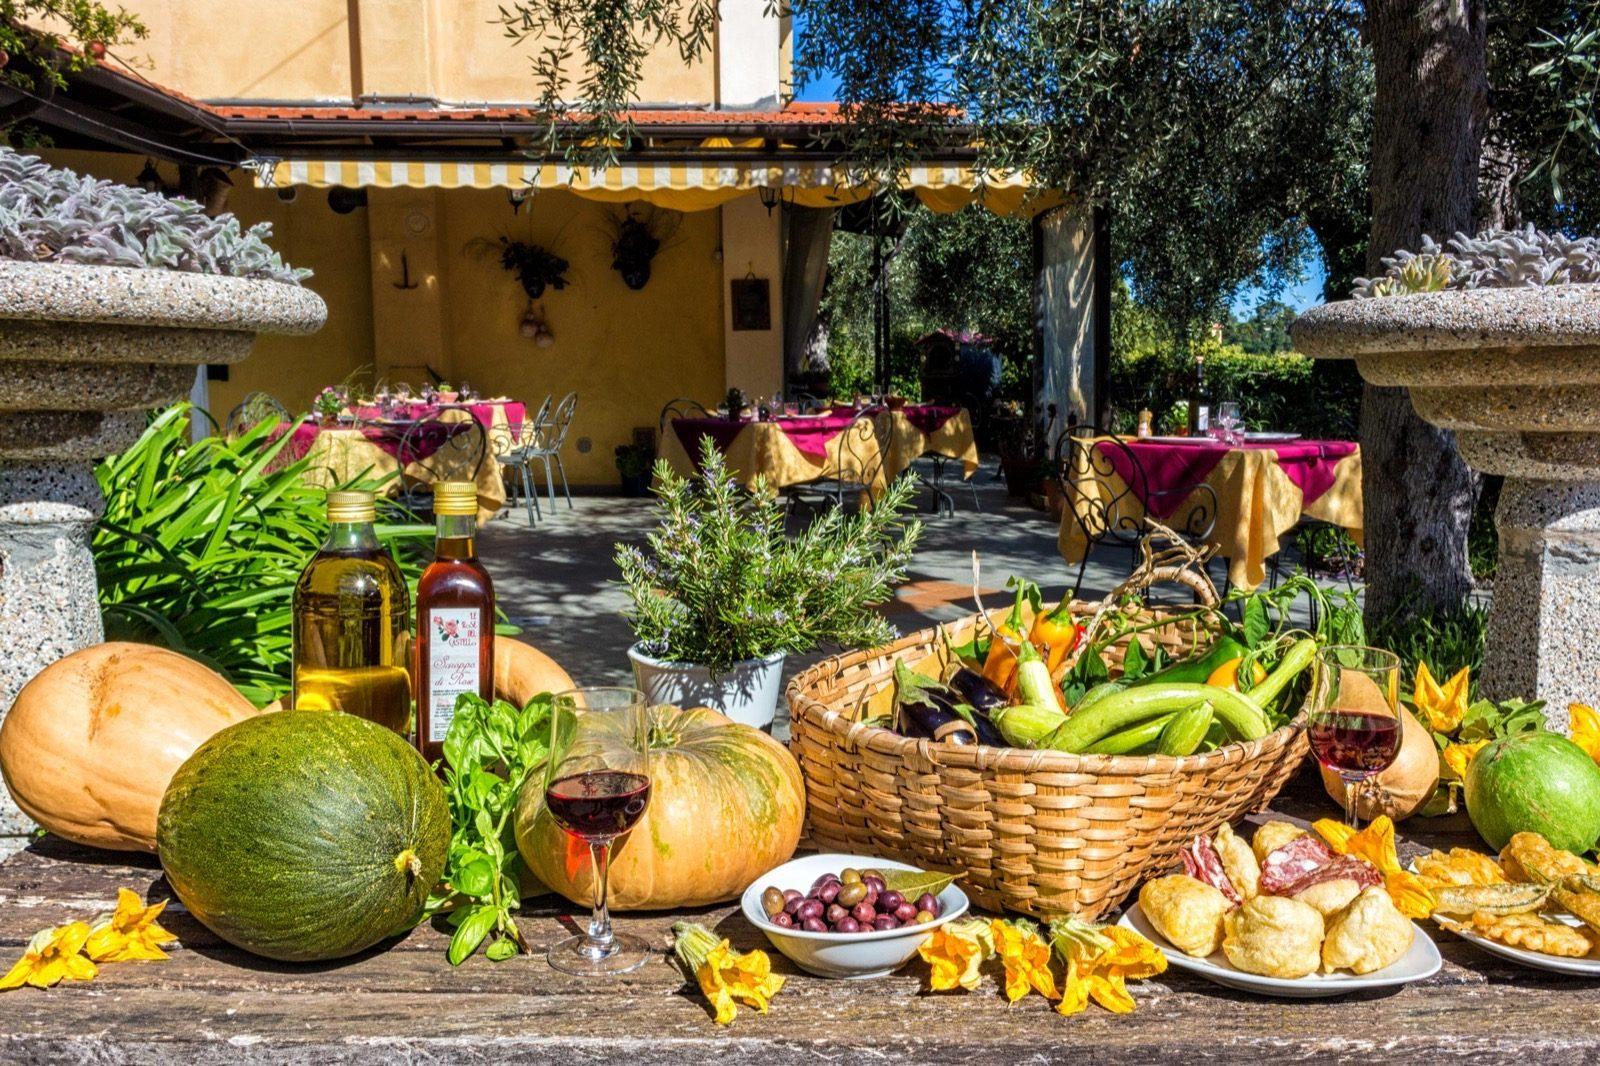 Azienda e ristorante Le Navi in Cielo